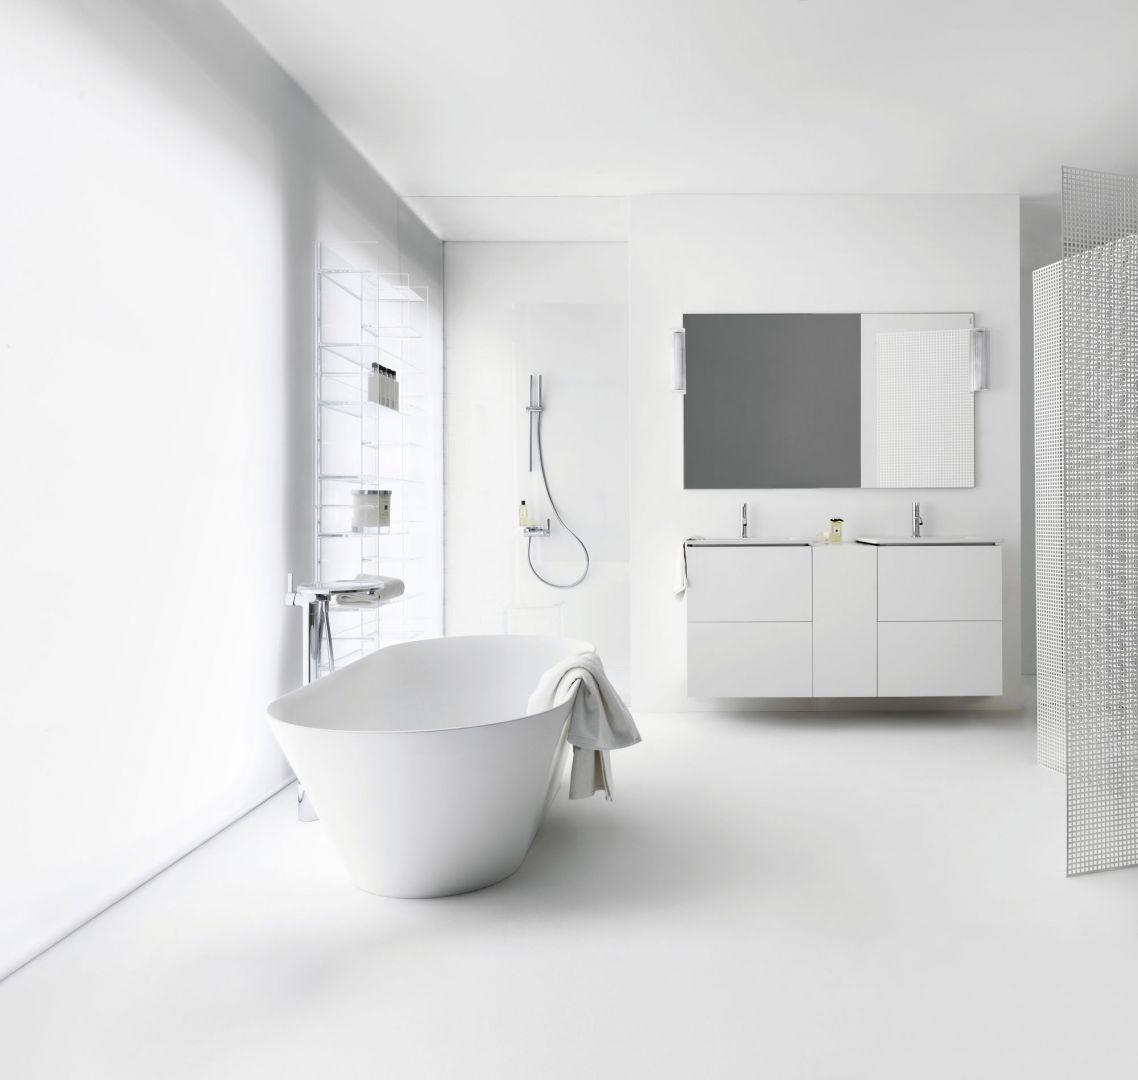 Nowoczesna łazienka: wybieramy wannę. Fot. Laufen